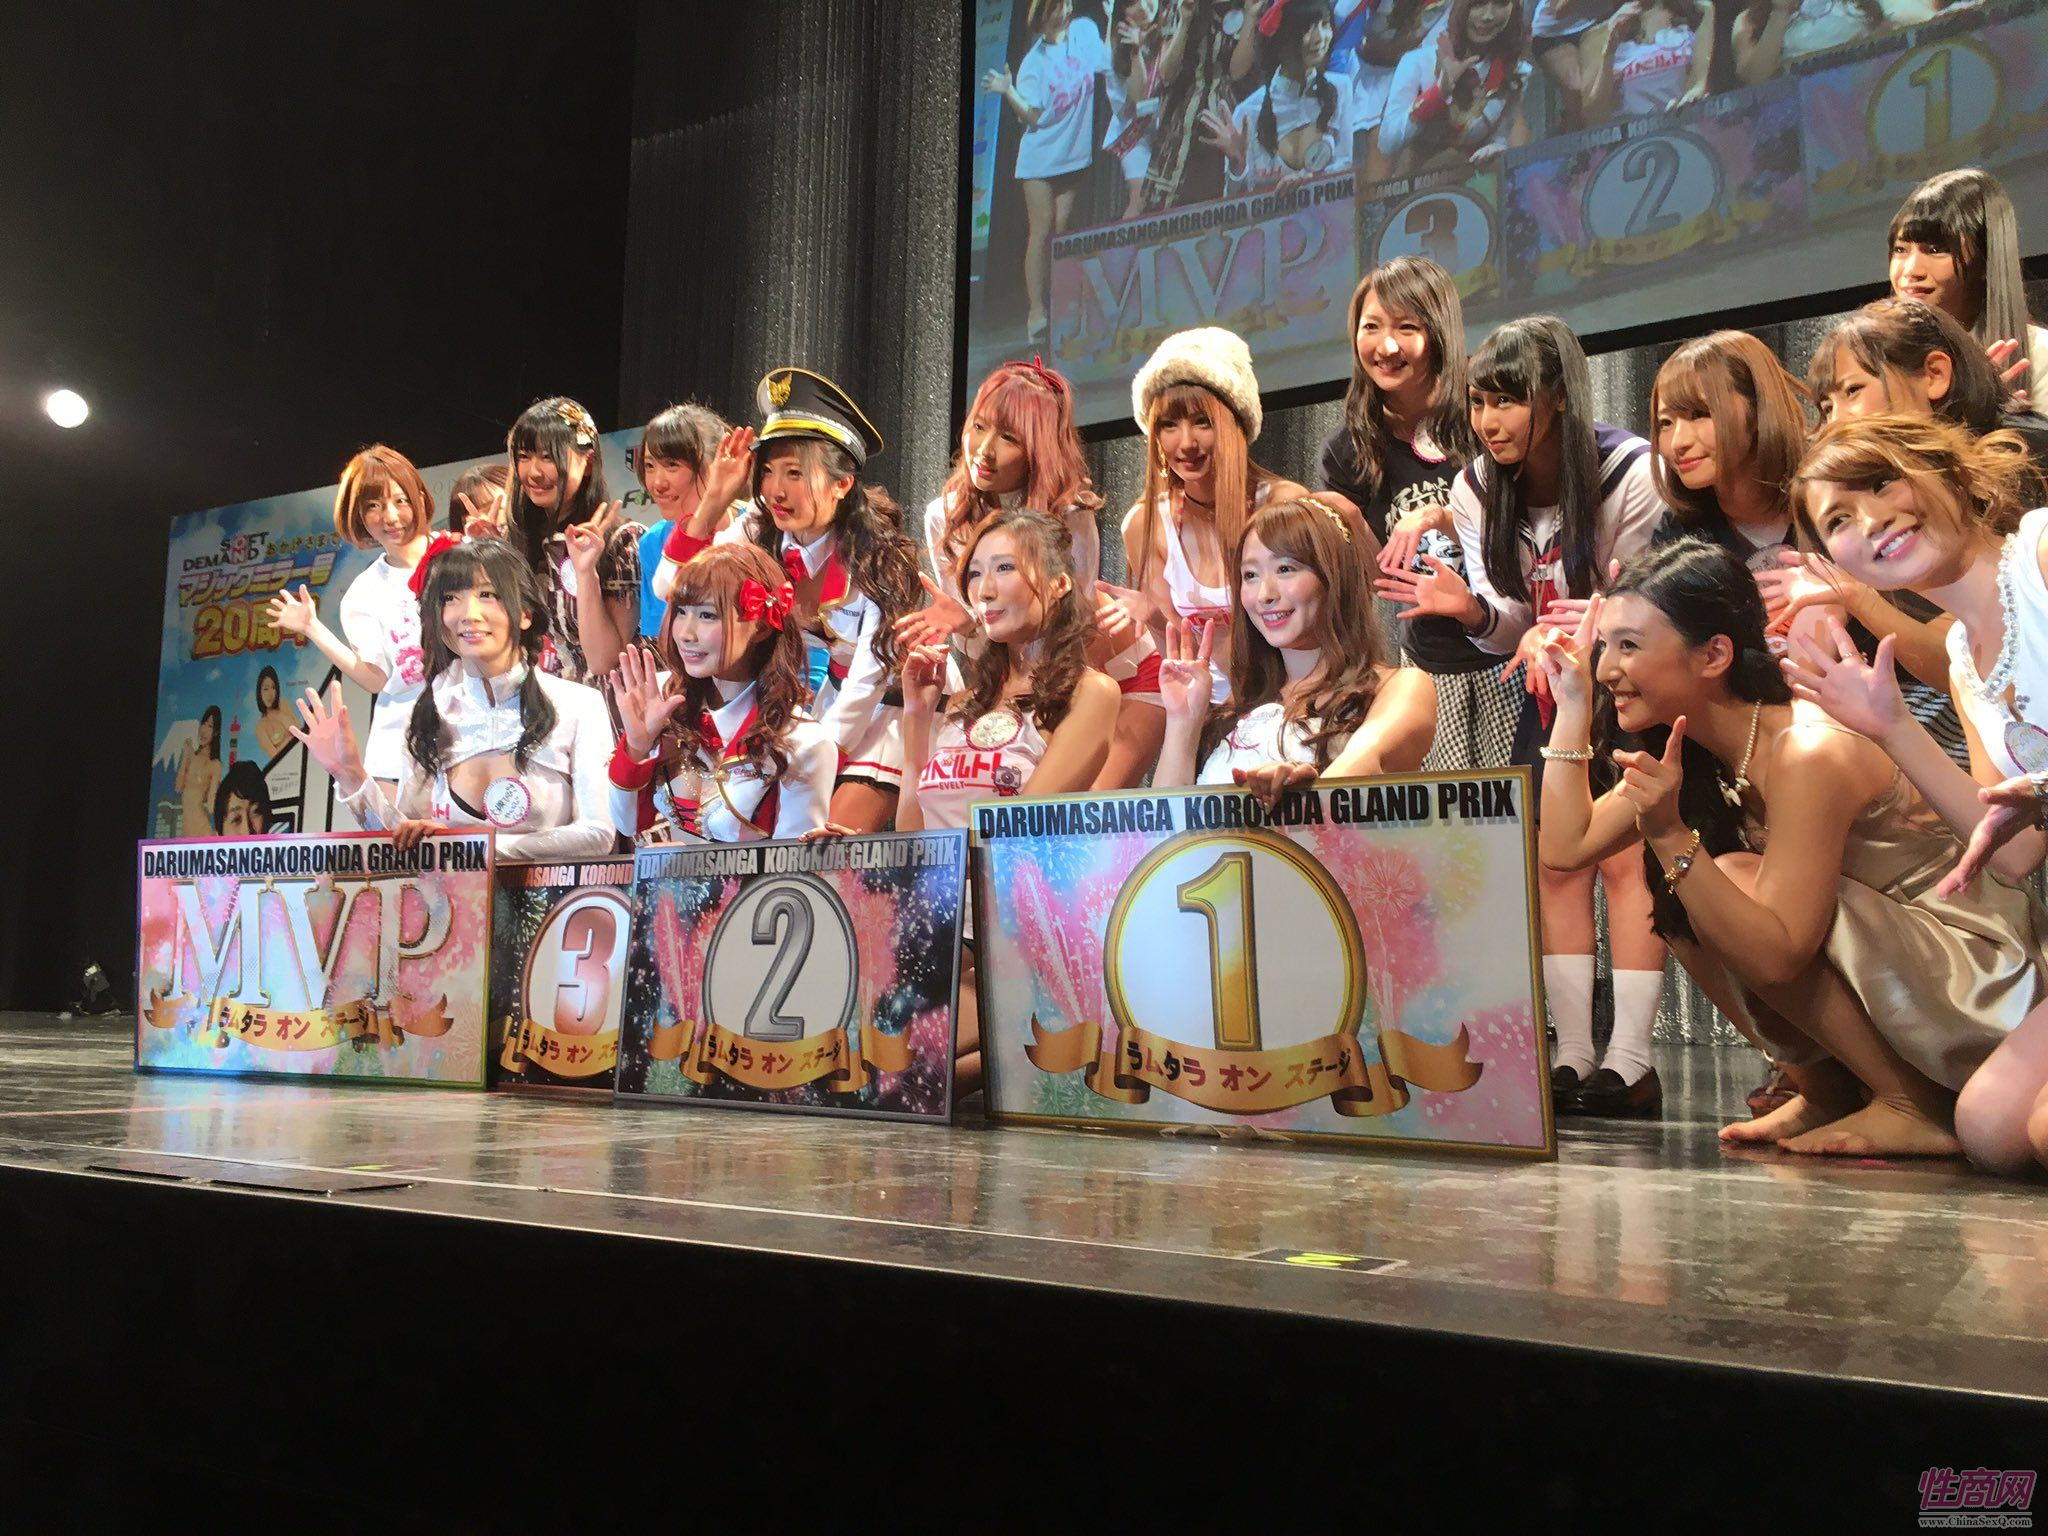 2016日本成人展JapanAdultExpo展会现场1图片3